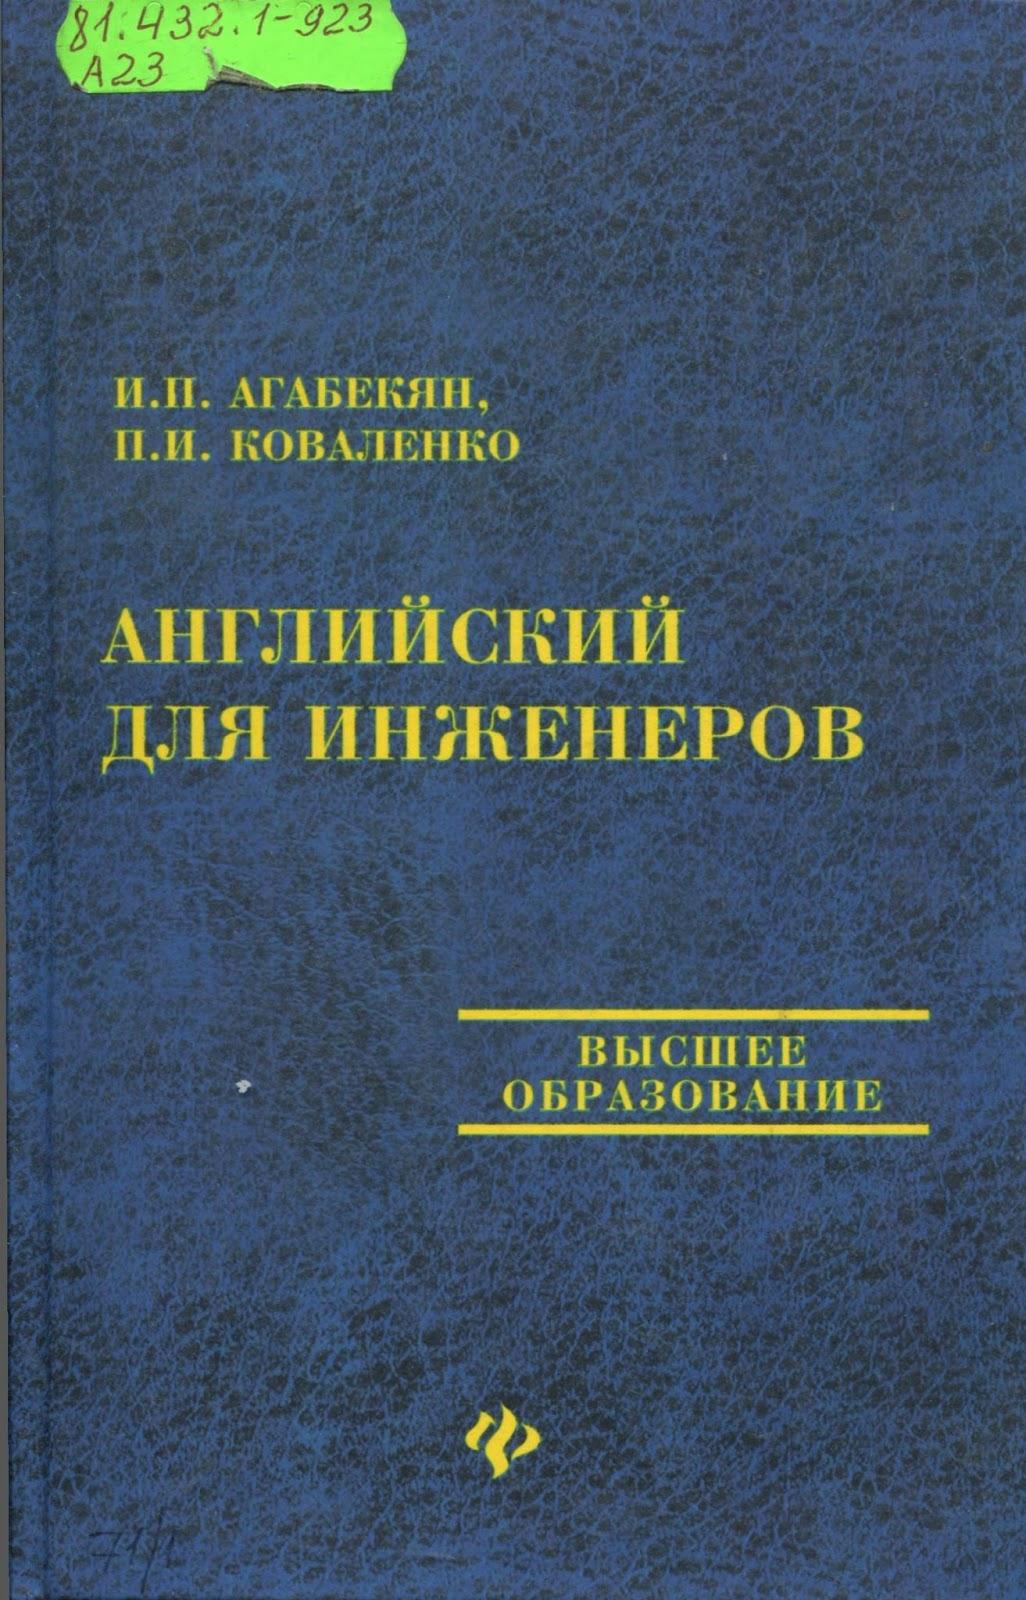 Скачать учебник английский для инженеров полякова